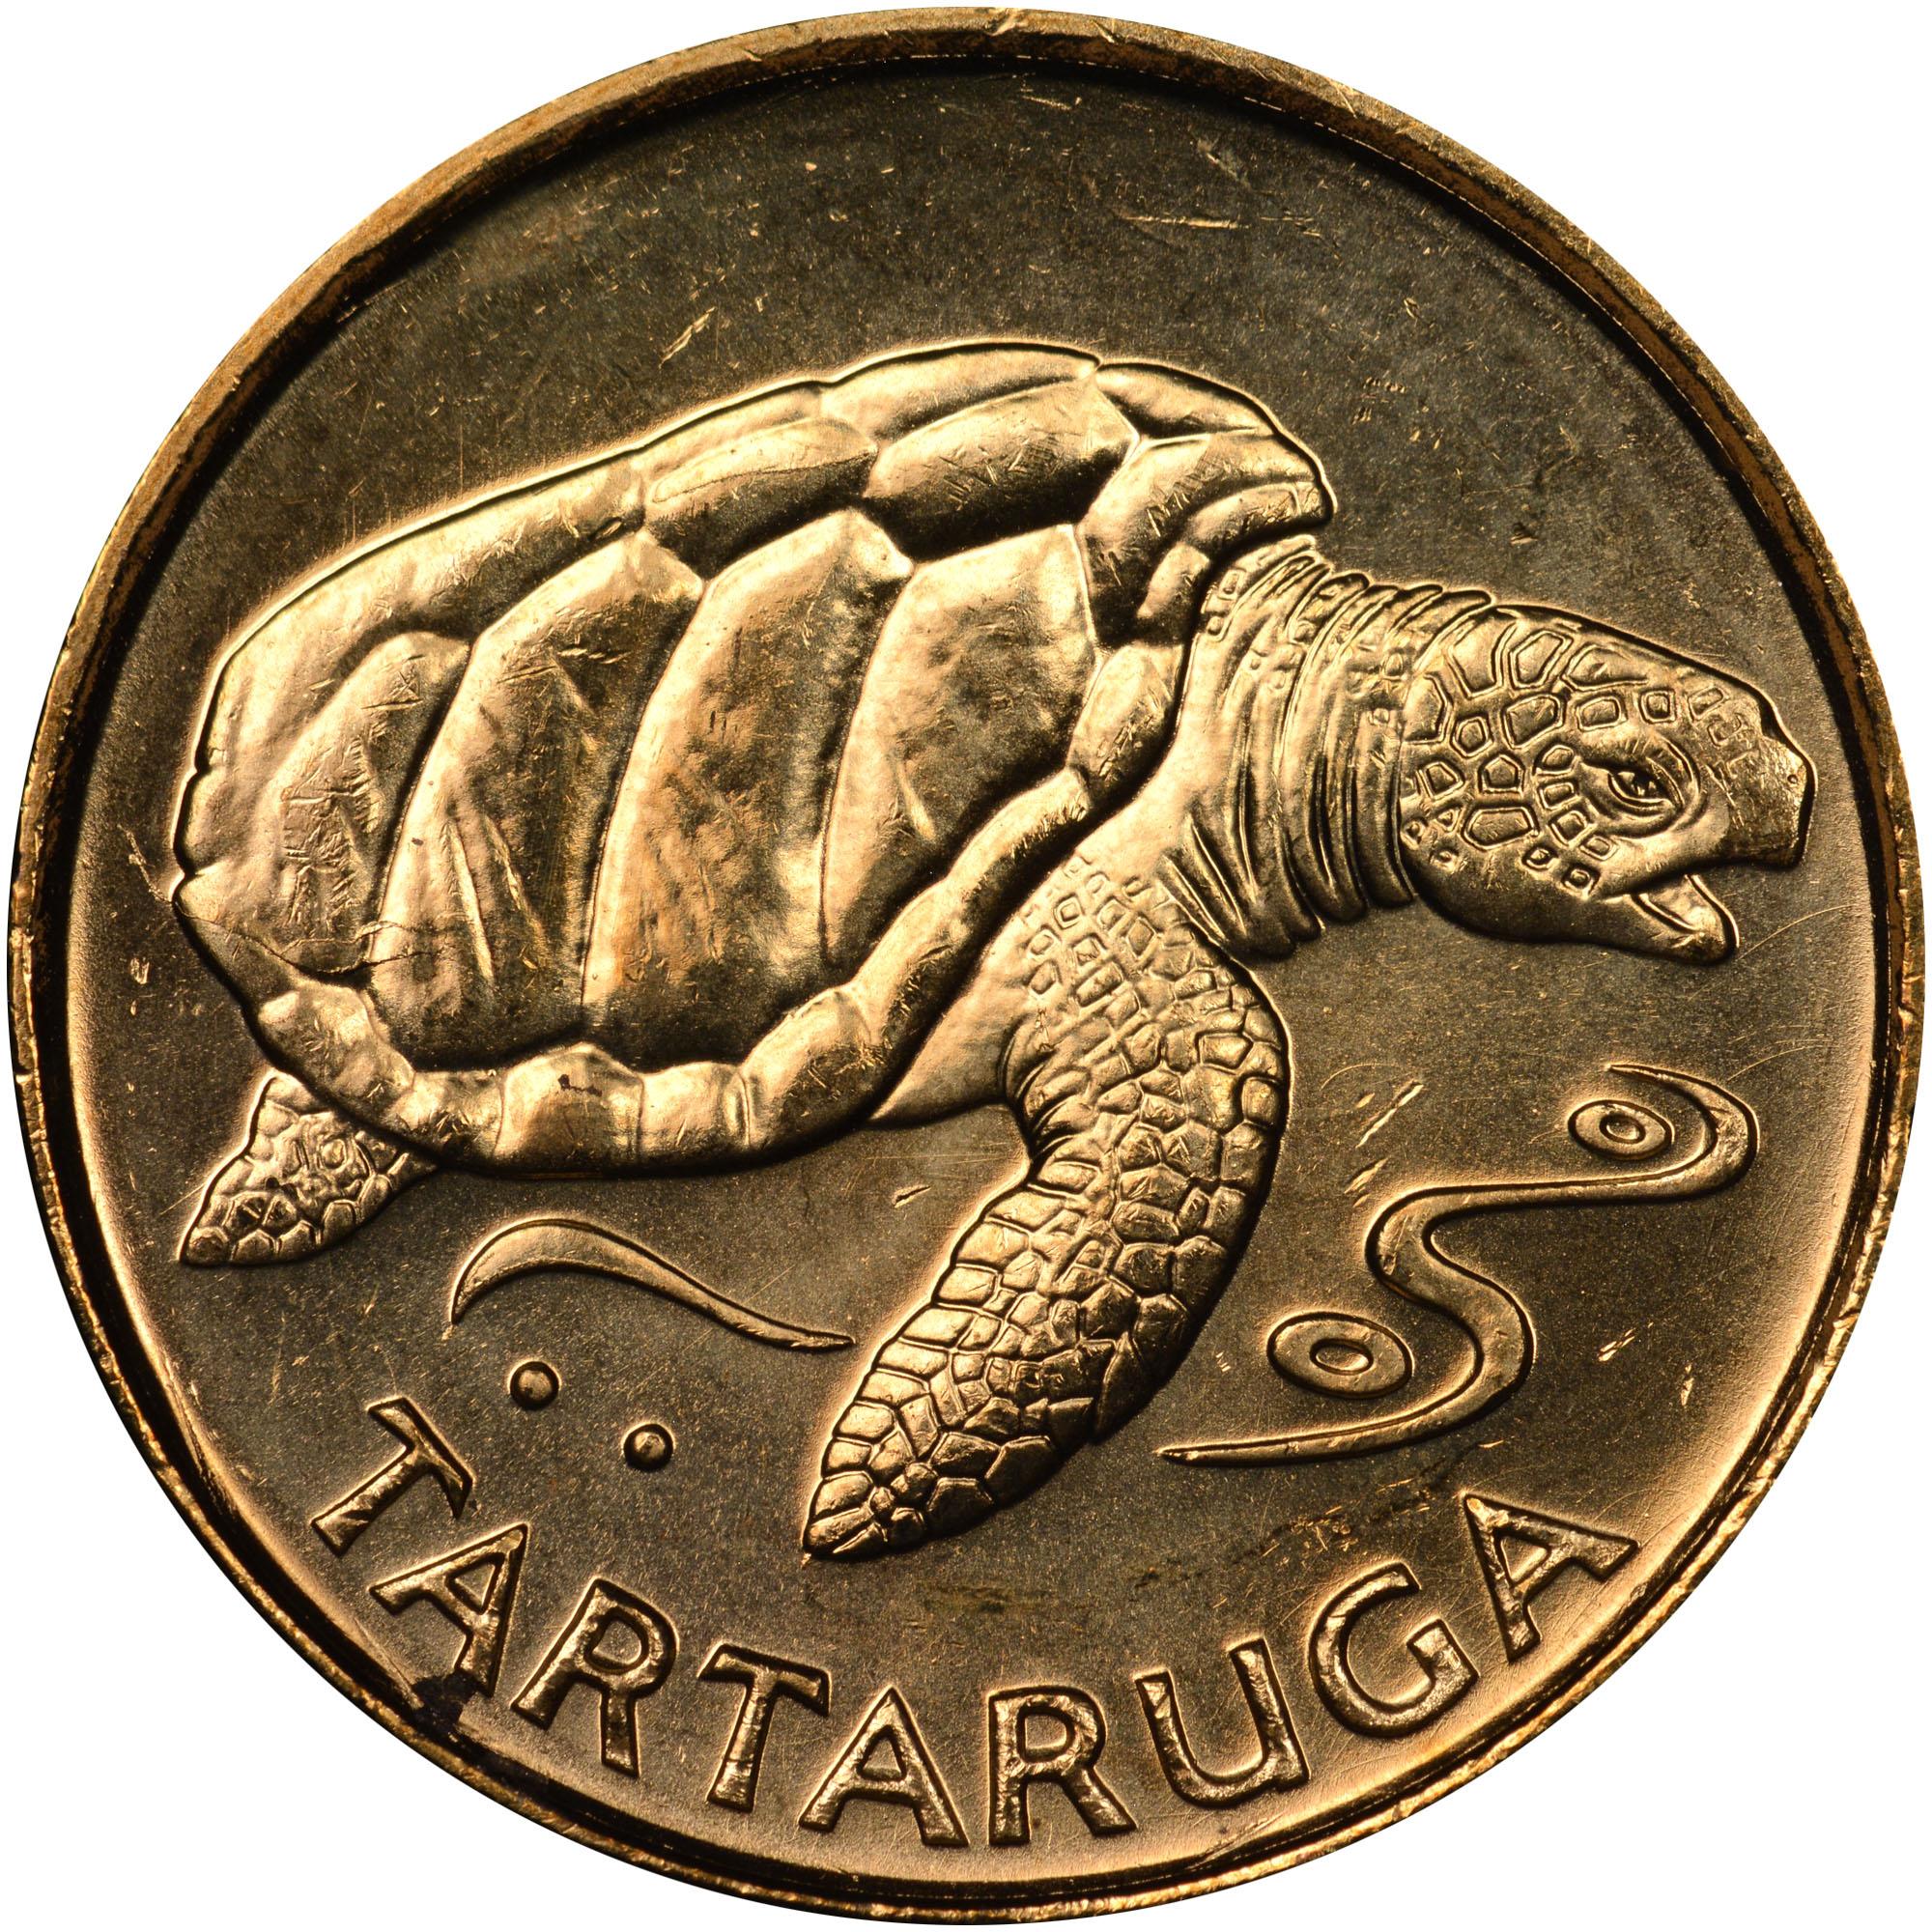 1994 Cape Verde Escudo reverse